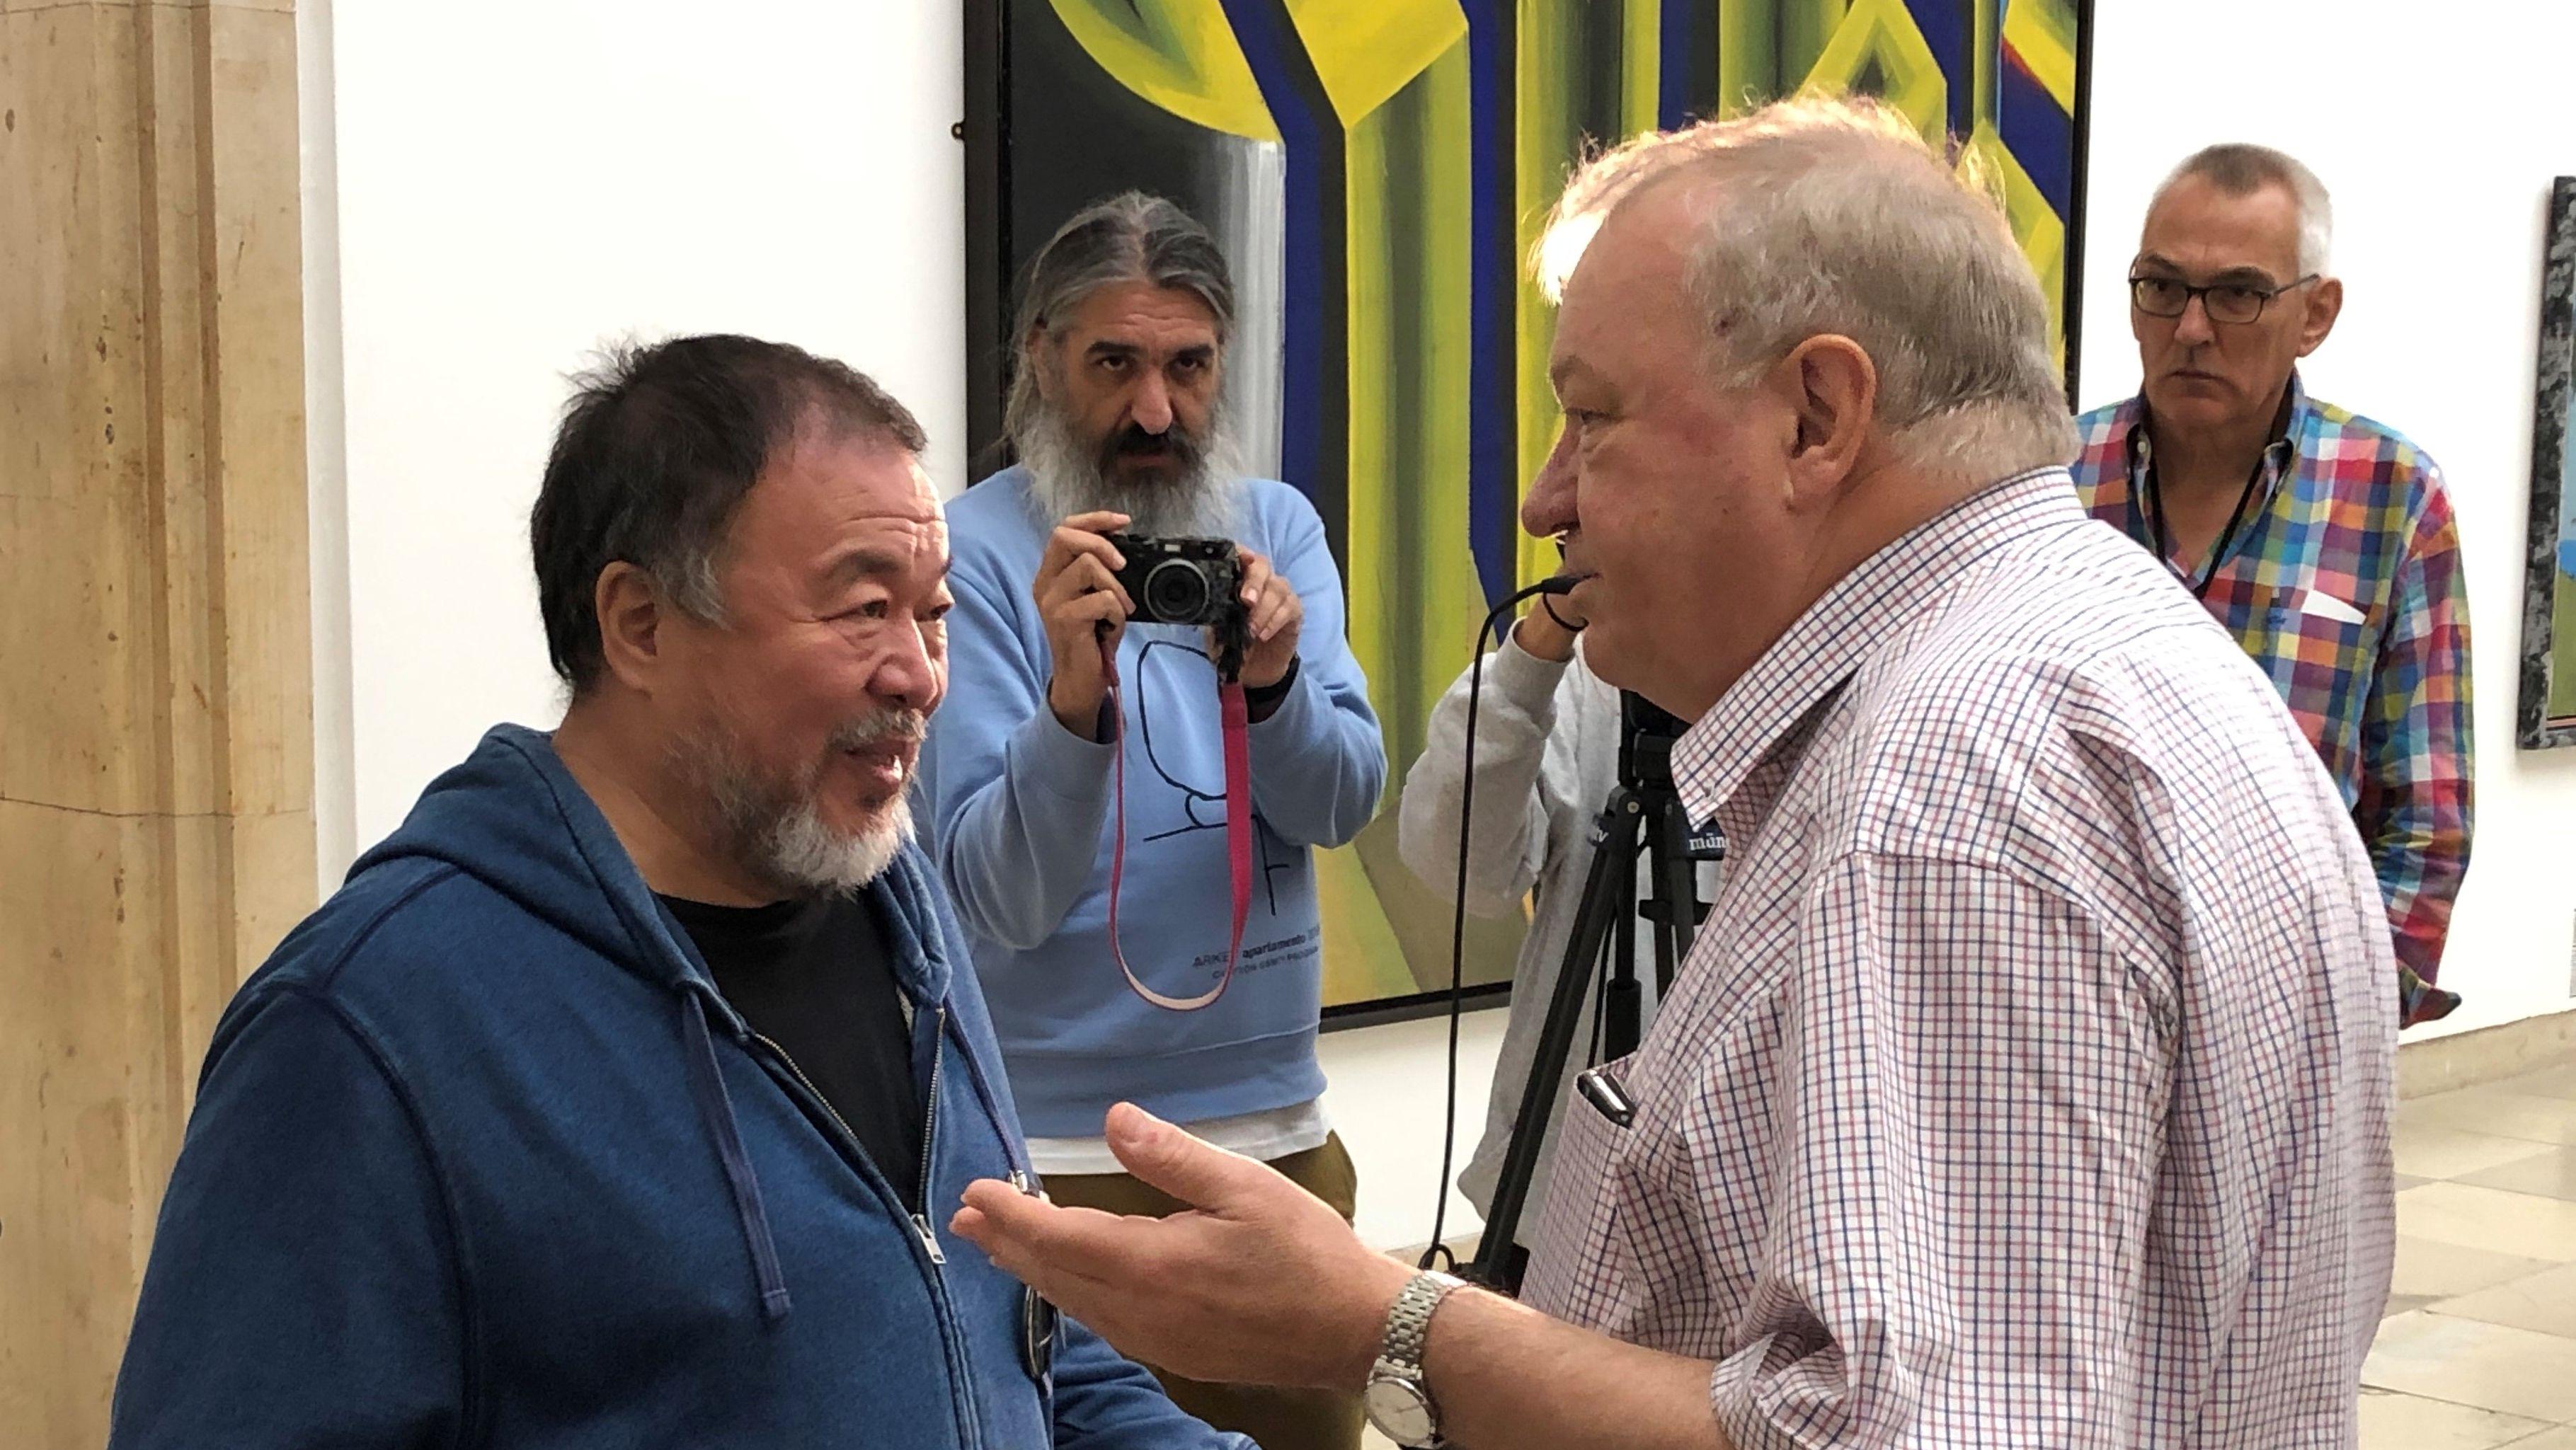 Ai Weiwei im Gespräch mit dem kaufmännischen Direktor Bernhard Spies